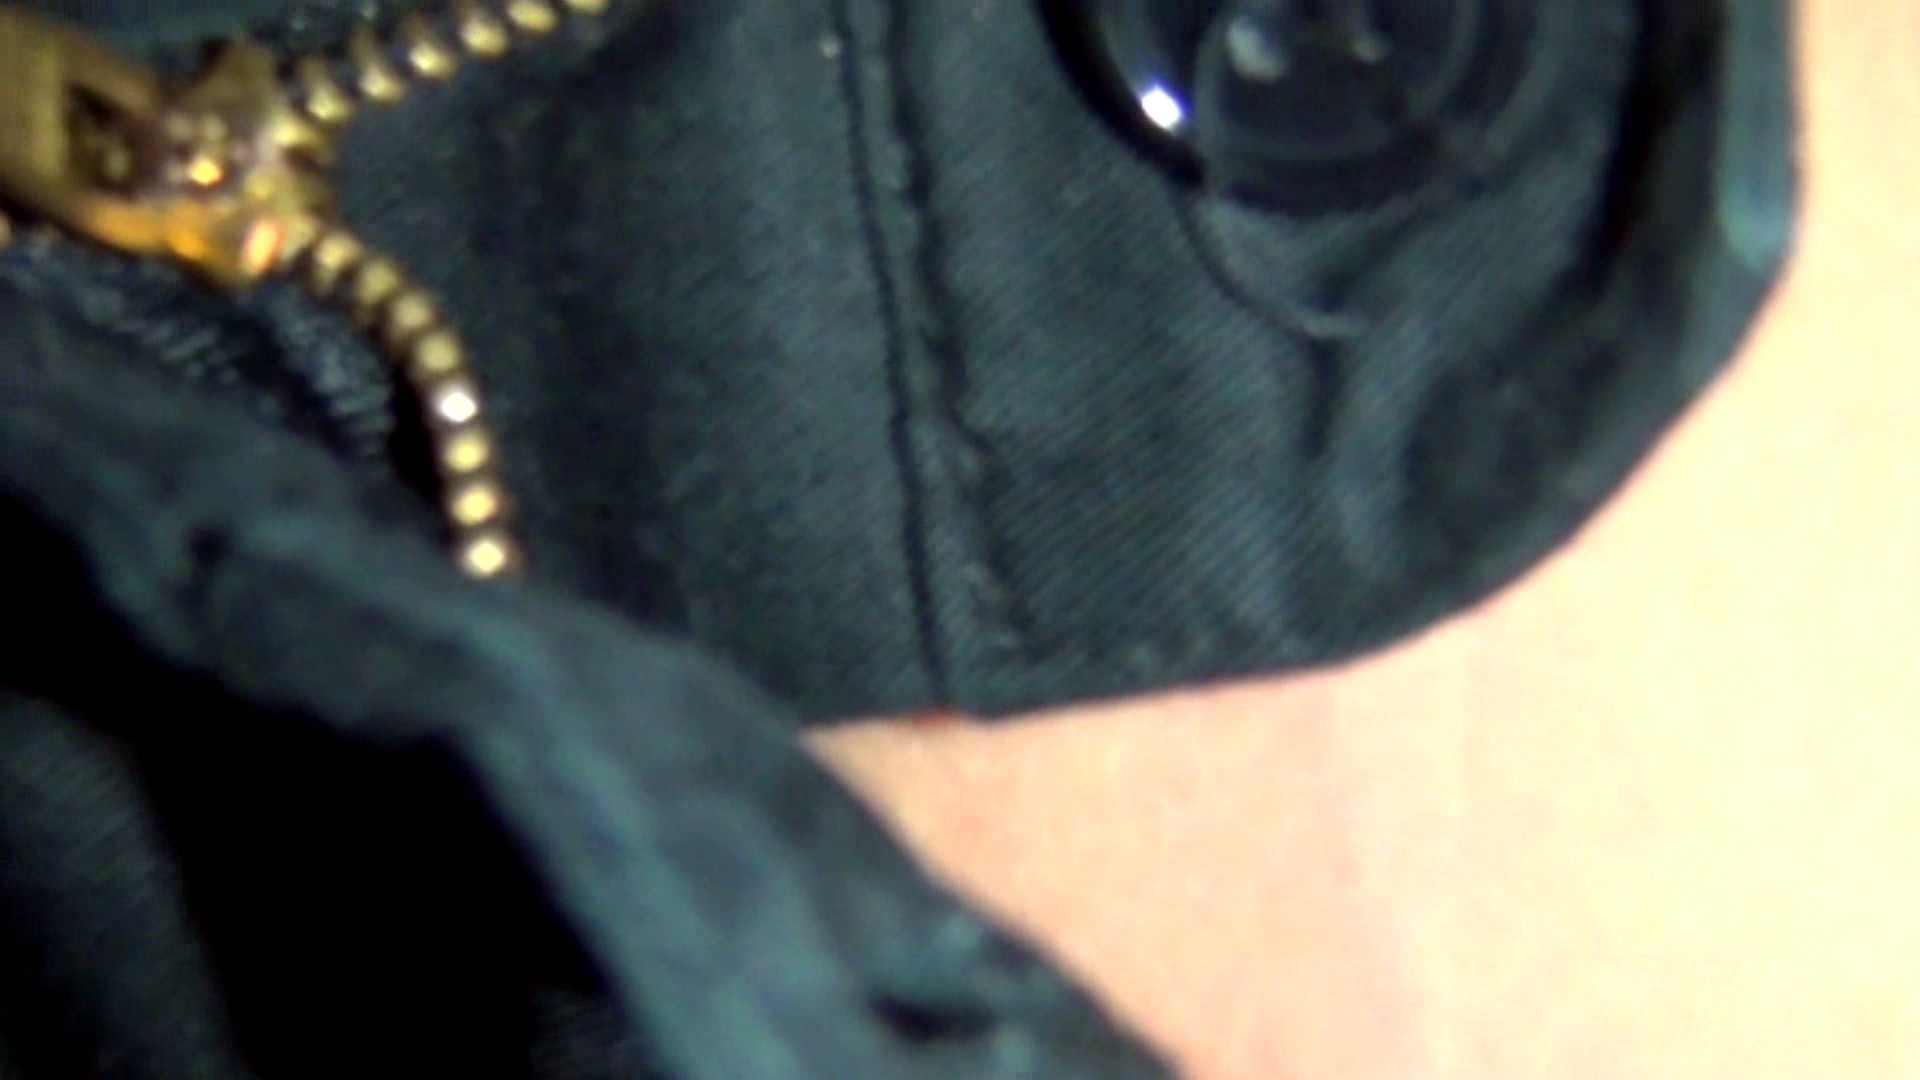 魔術師の お・も・て・な・し vol.30 小粒乳首ちゃん19歳に魔法 悪戯   エロティックなOL  87画像 61